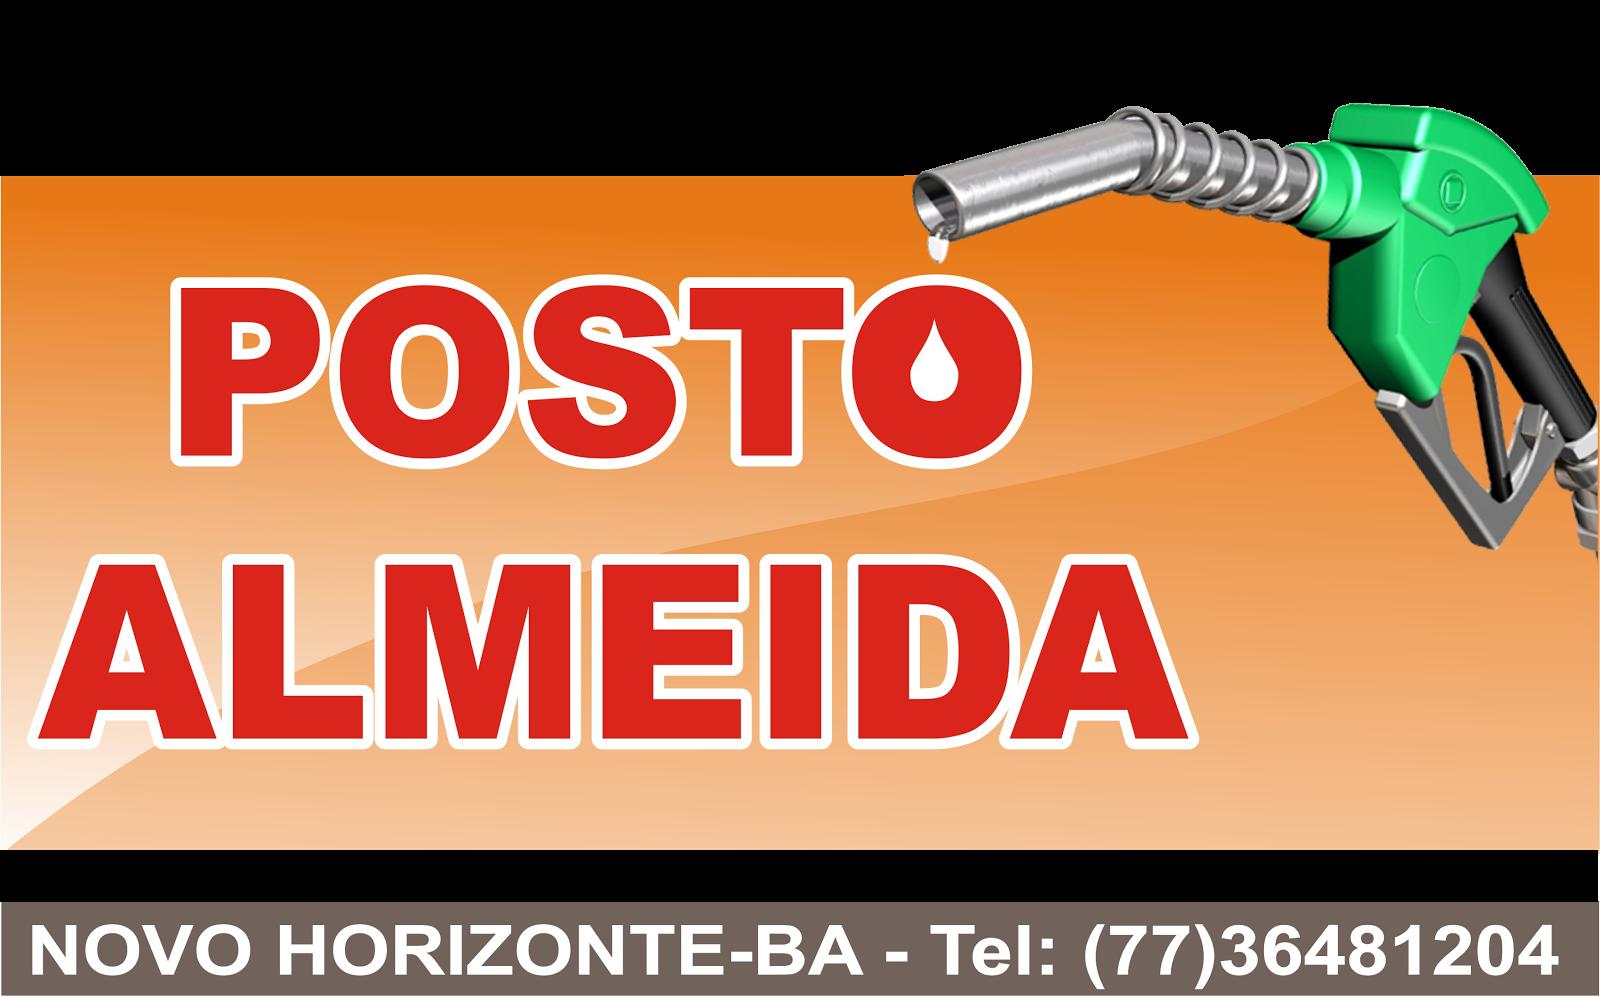 Posto Almeida